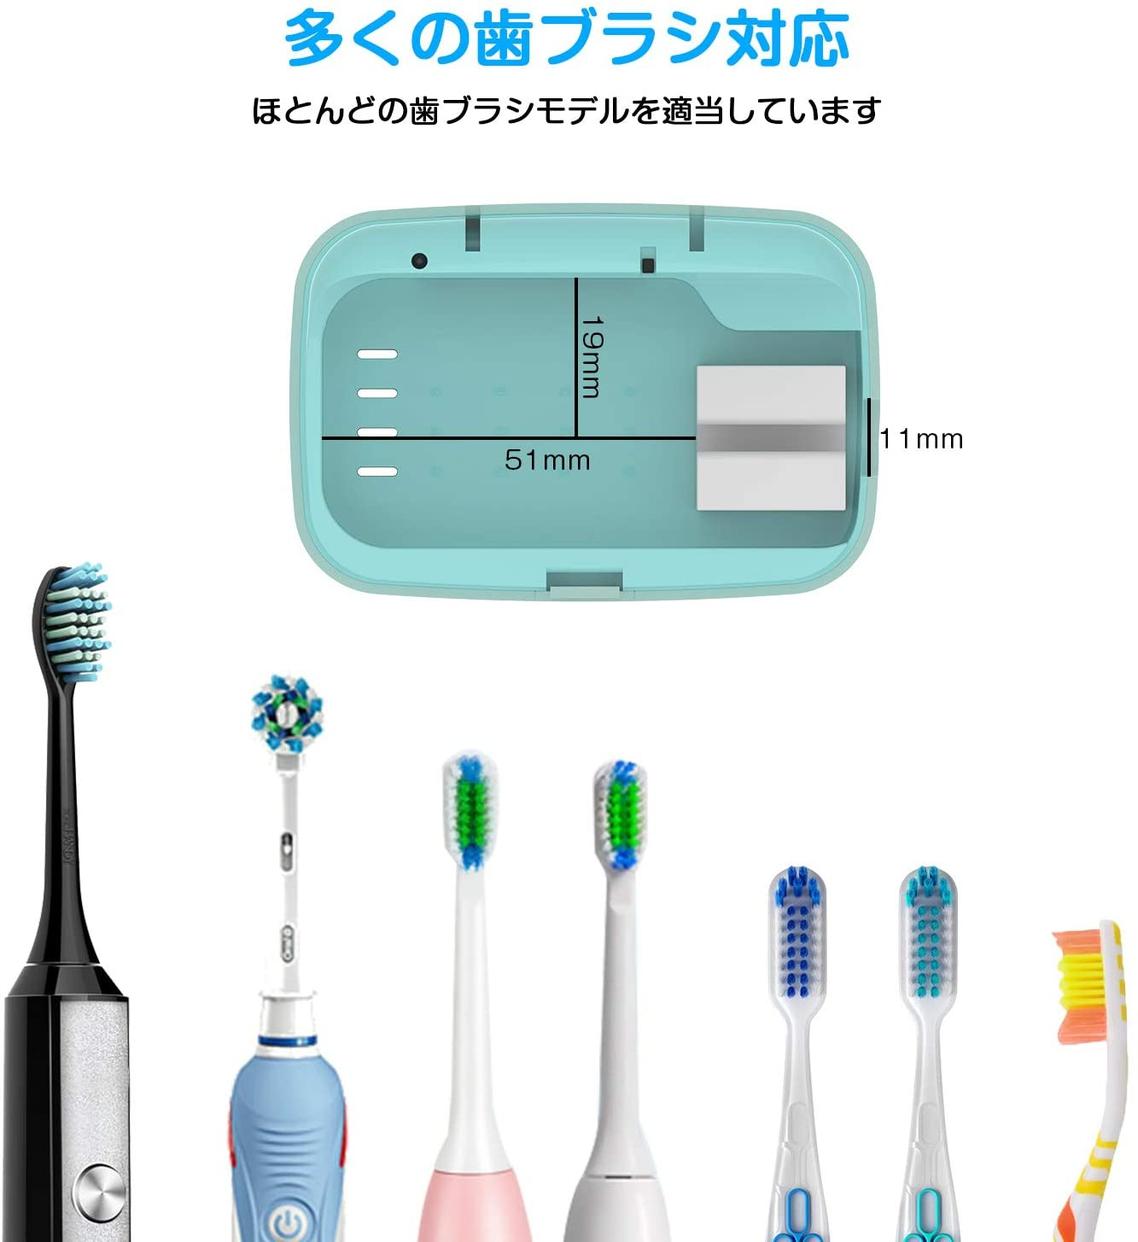 LIDIWEE 歯ブラシ除菌器 V2560QM53T15GJ09EVの商品画像5